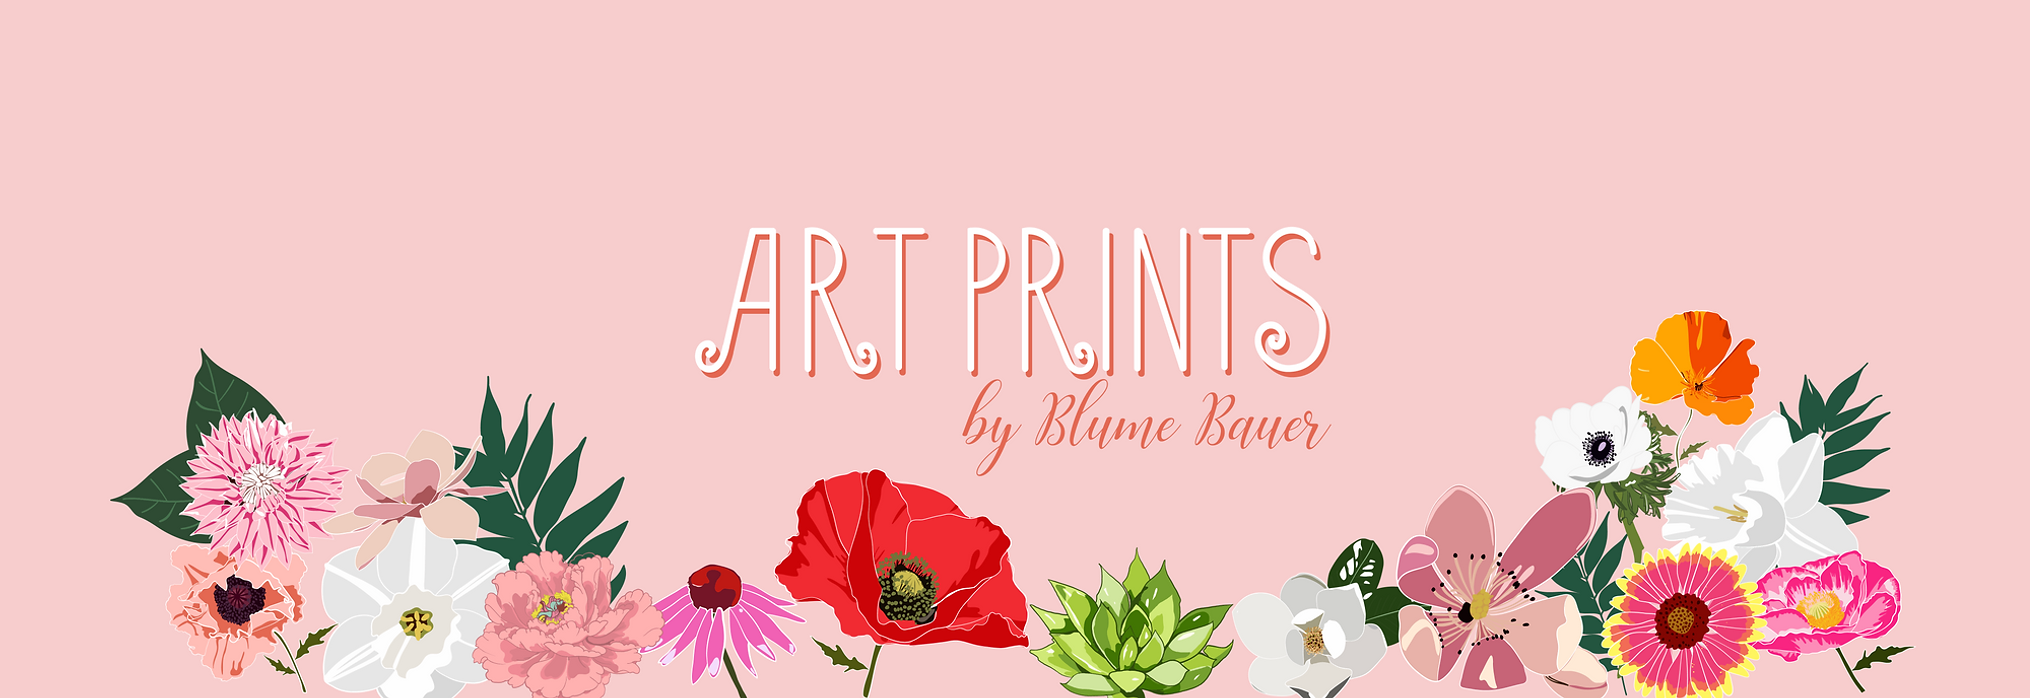 ArtPrintsHeader7-01.png